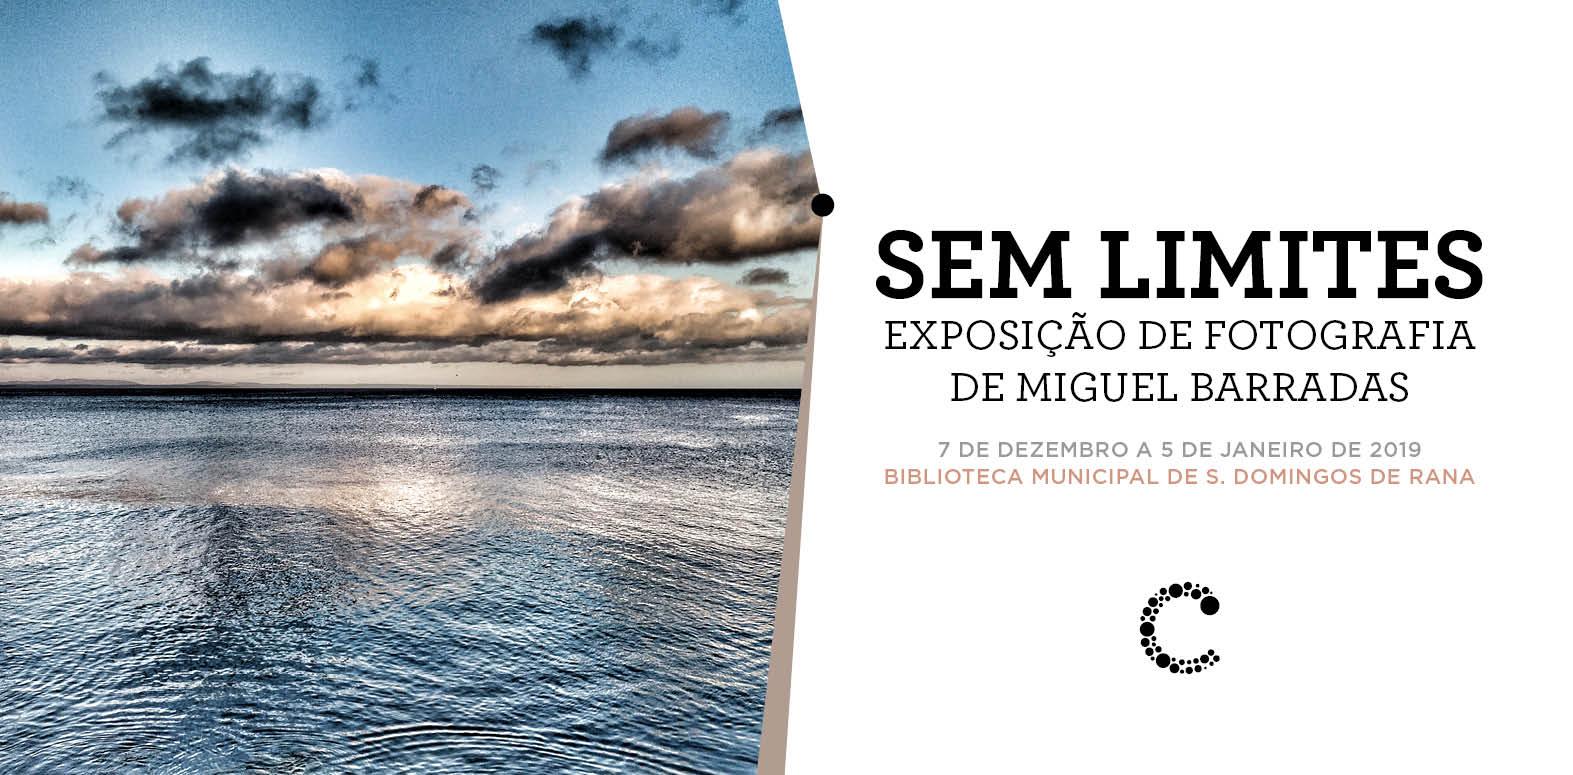 Sem Limites | Exposição De Fotografia De Miguel Barradas